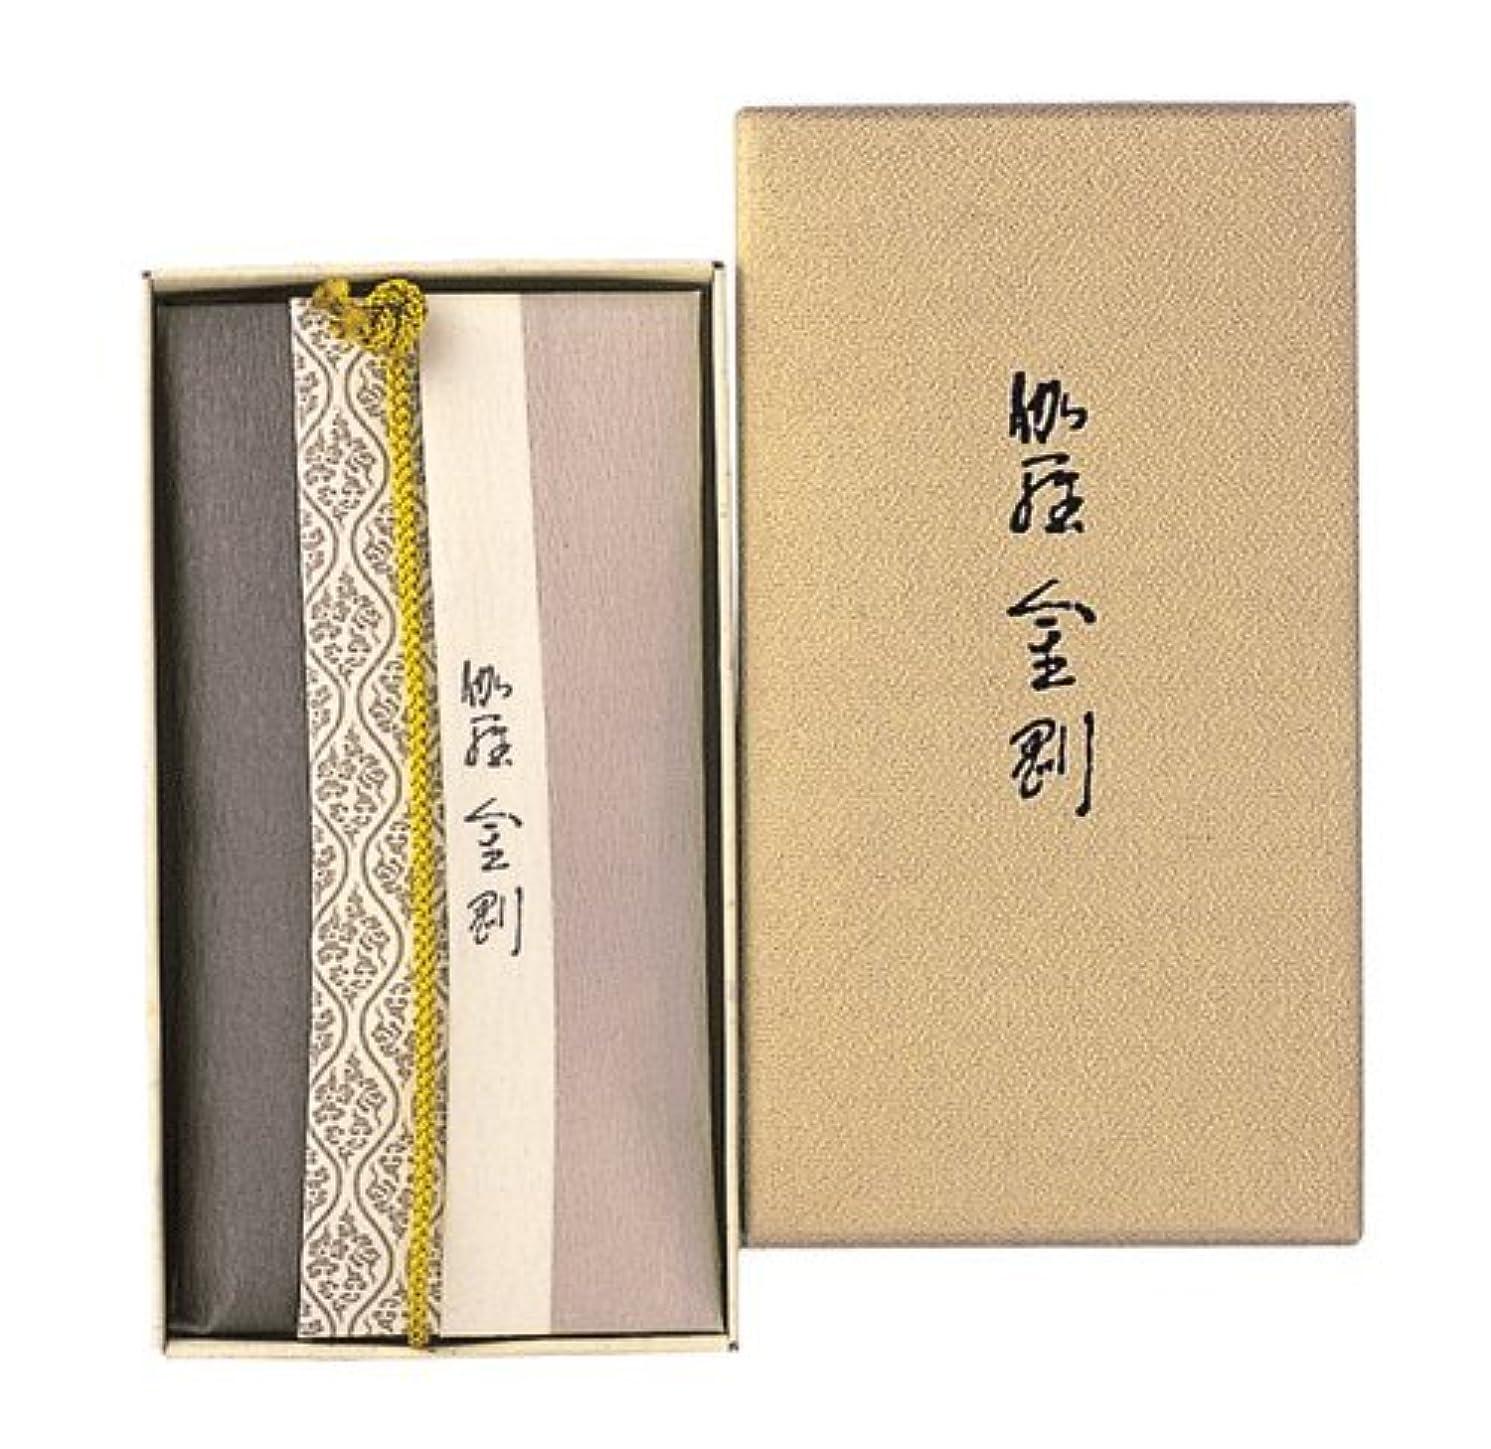 繁殖年金受給者支配する香木の香りのお香 伽羅金剛 コーン24個入